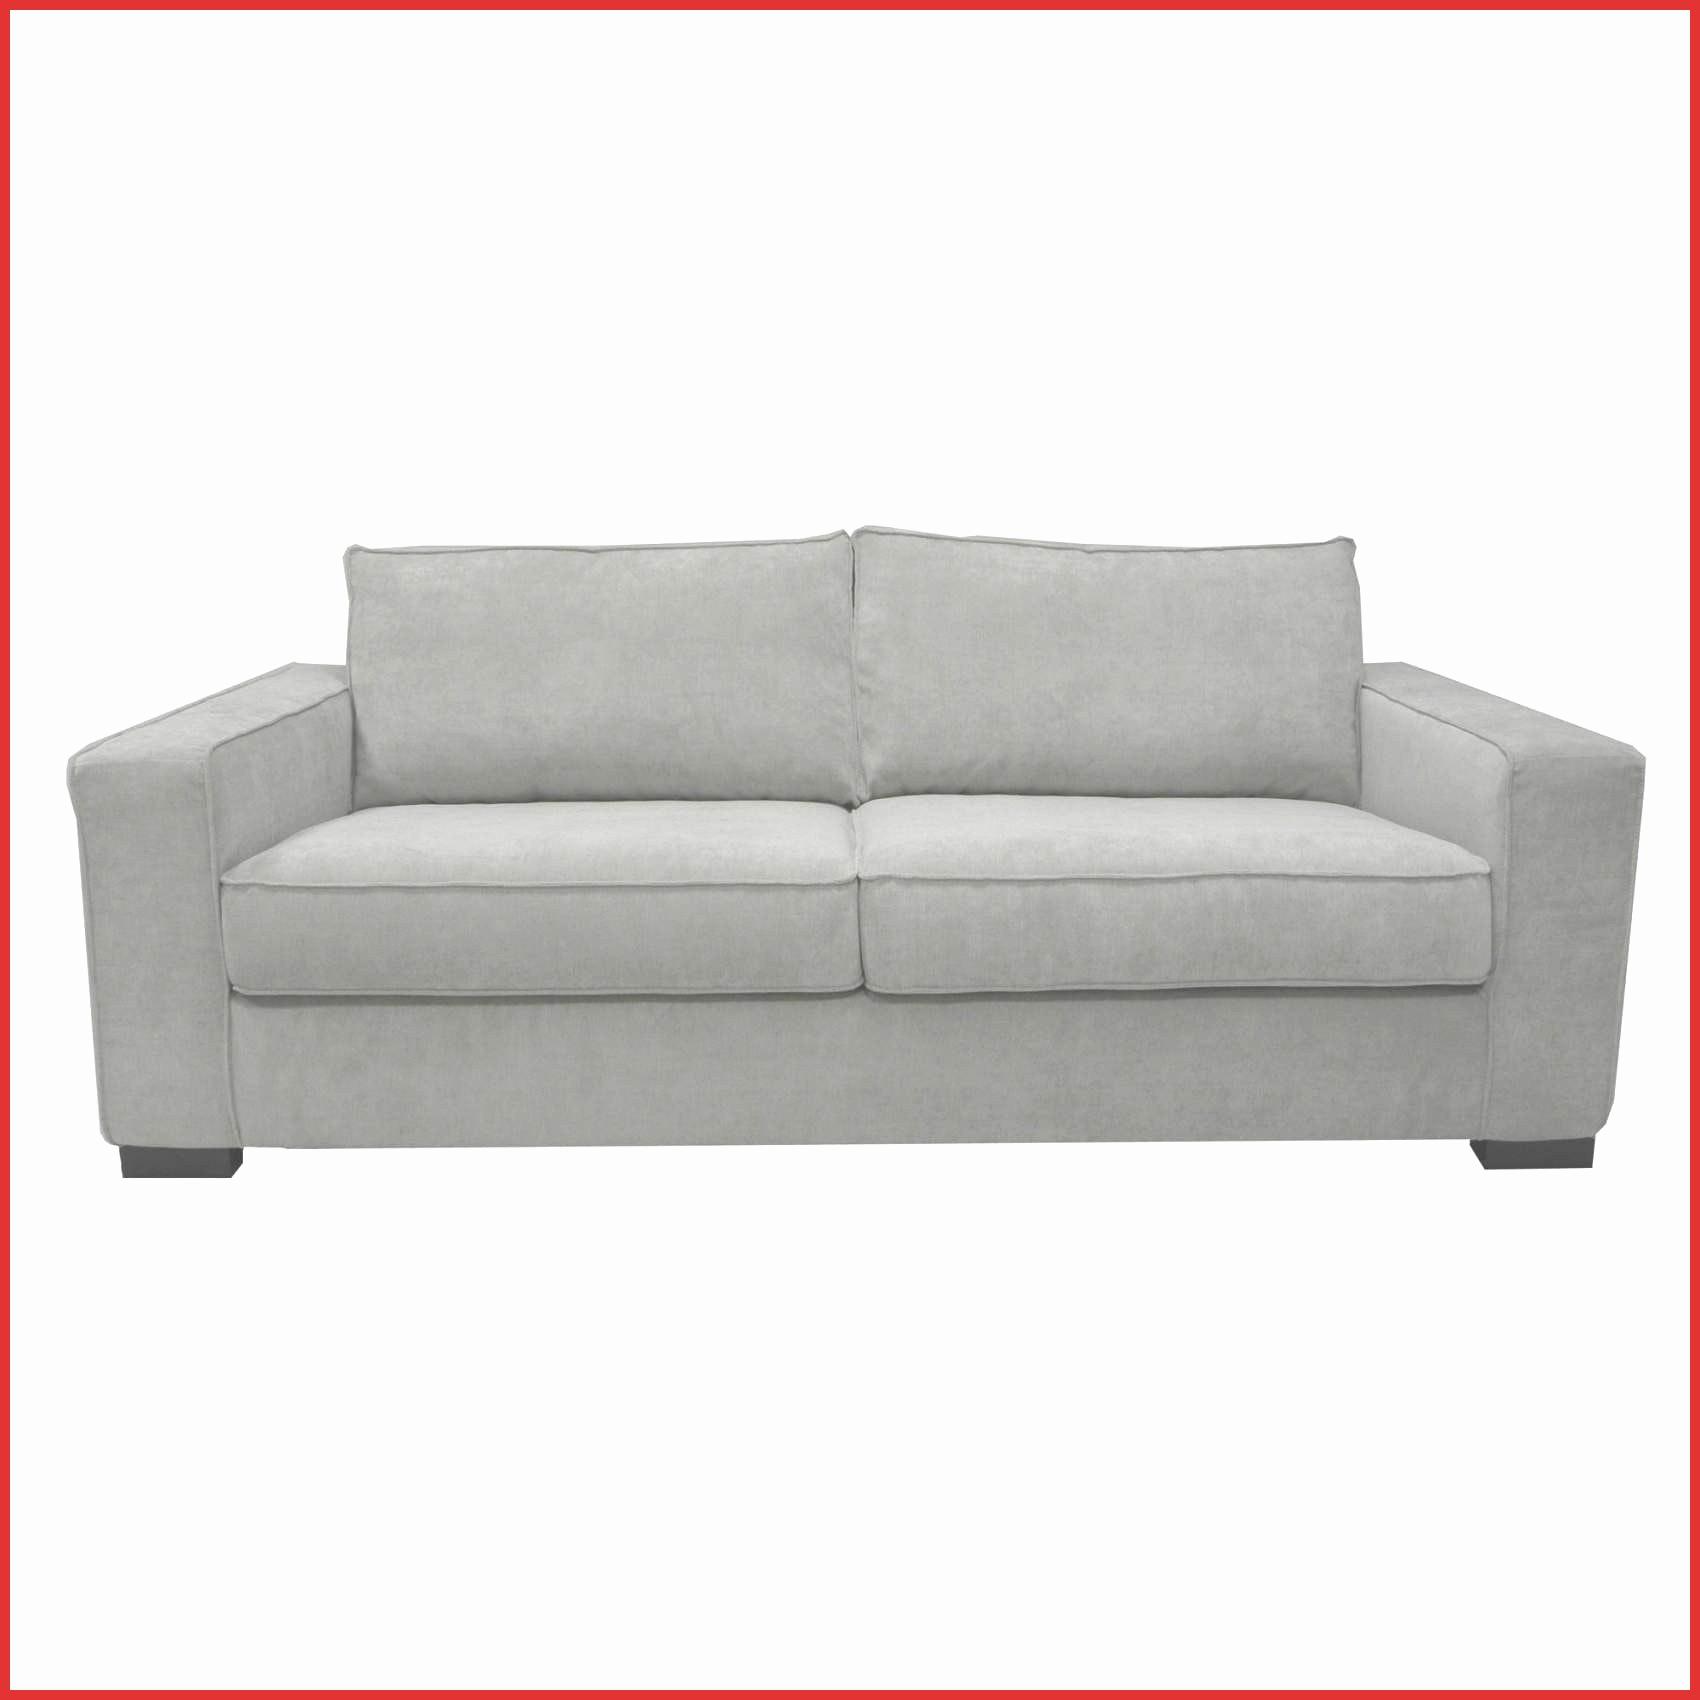 Ikea Canapé Angle Convertible Meilleur De Images Canap Convertible 3 Places Conforama 6 Cuir 1 Avec S Et Full